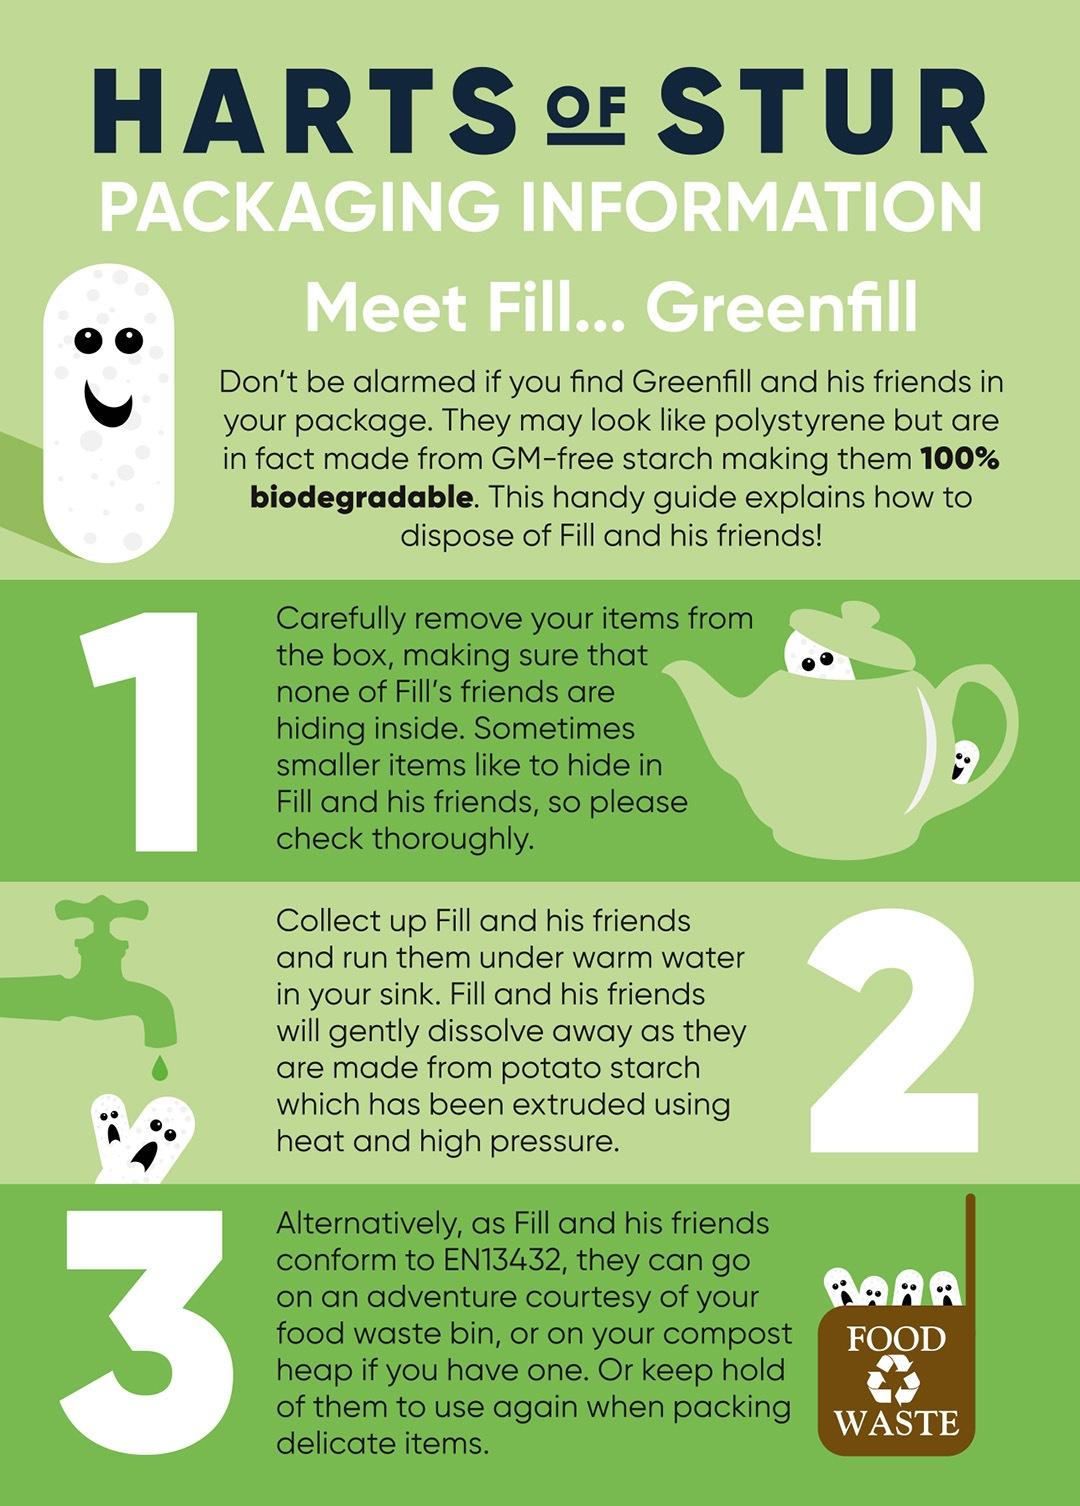 Meet Green Fill